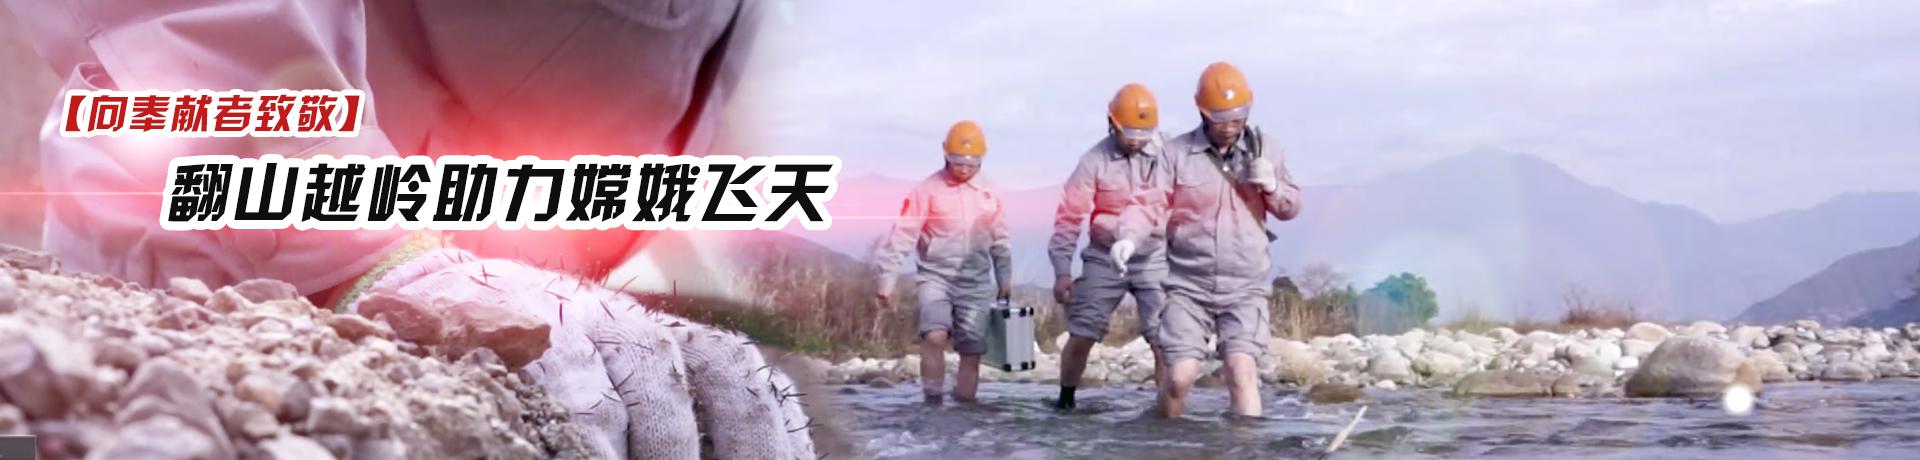 """【向奉献者致敬】翻山越岭助力""""嫦娥""""飞天"""